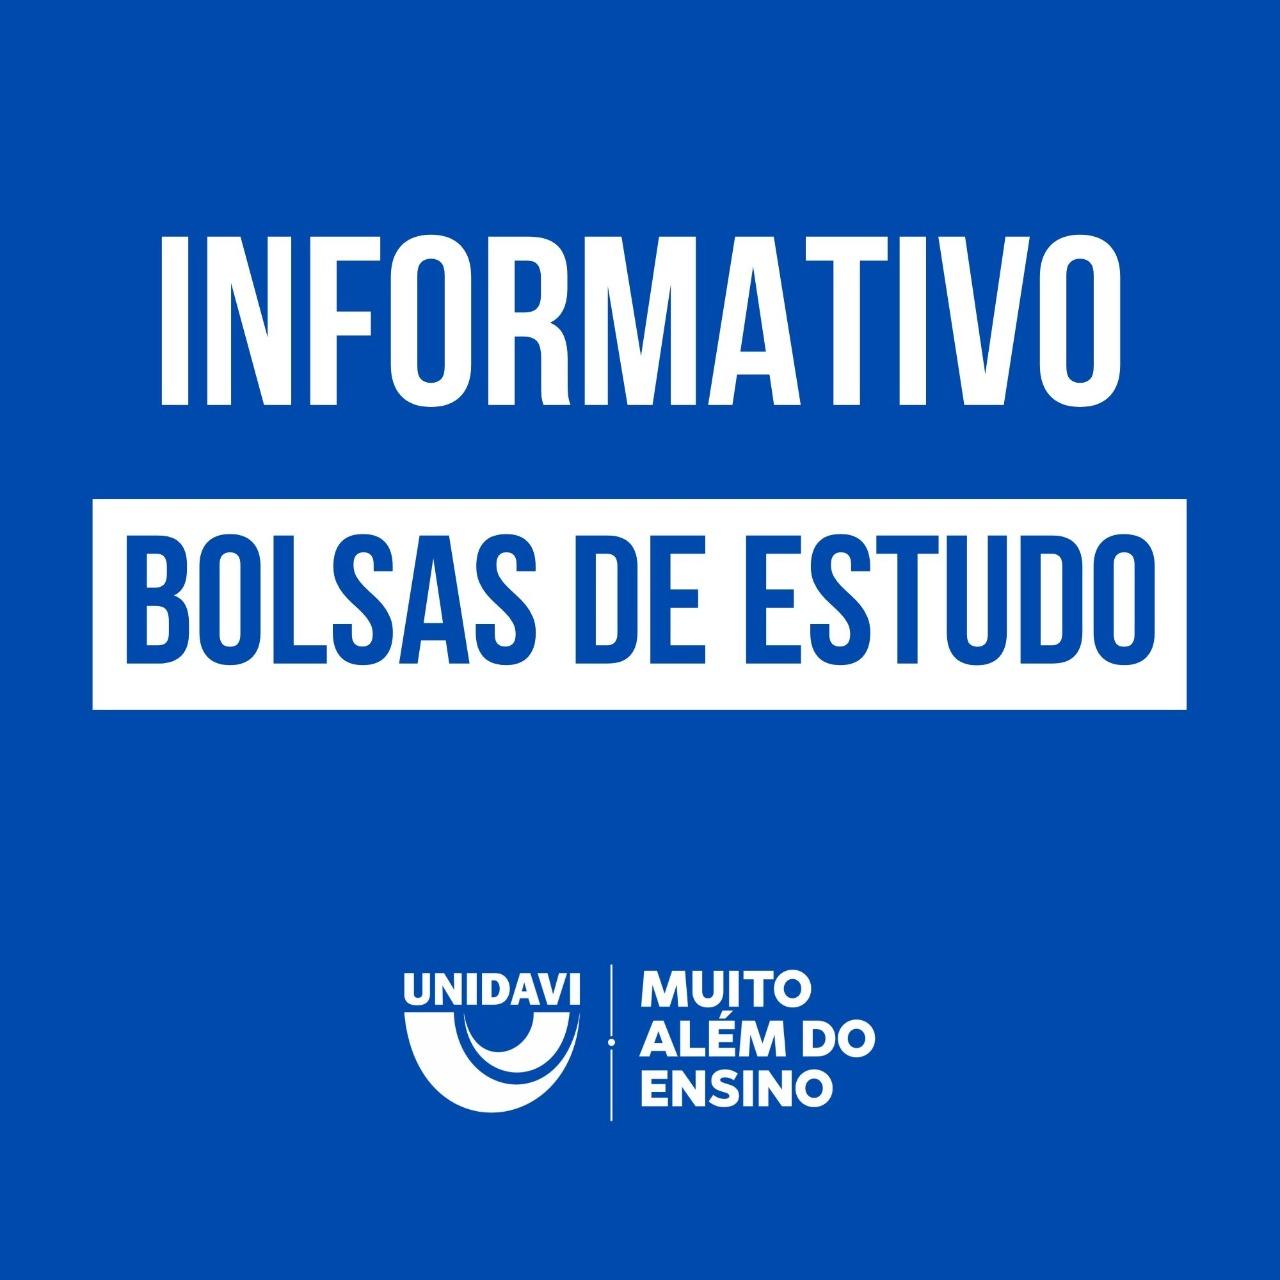 BOLSAS DE ESTUDO - UNIEDU E FILANTROPIA